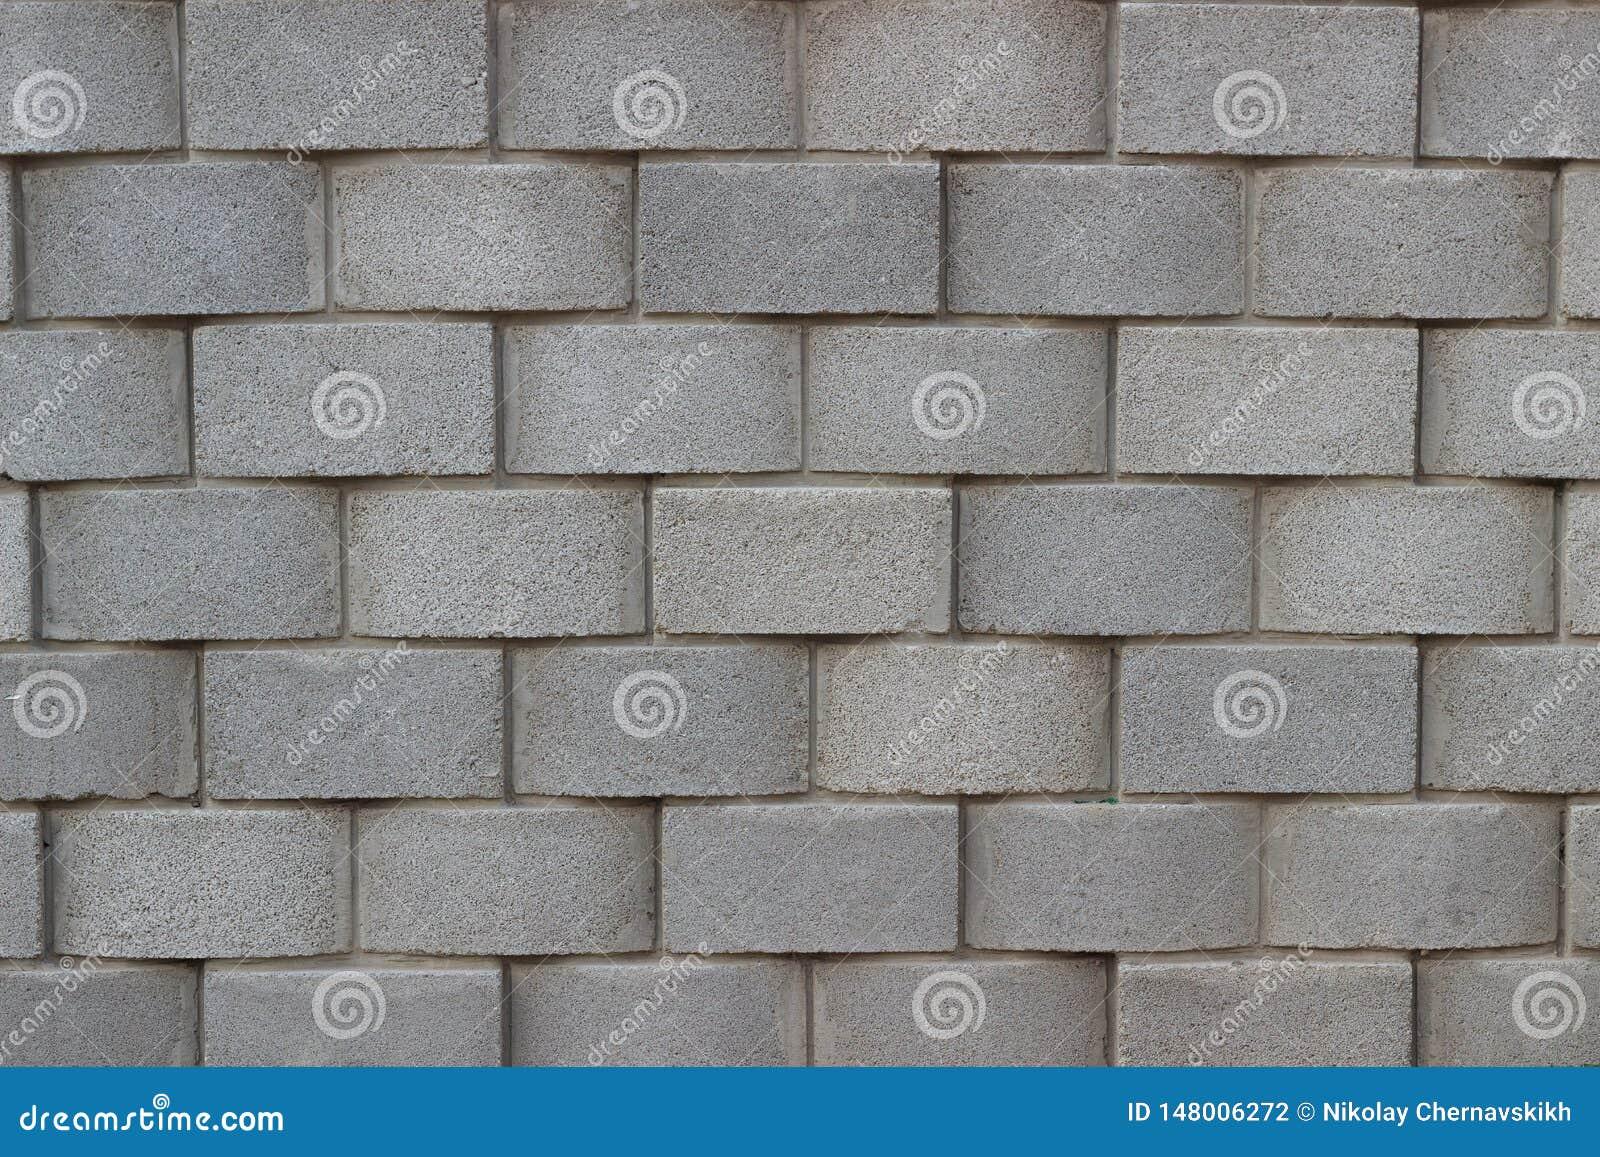 Background pattern wall stone gray block brick